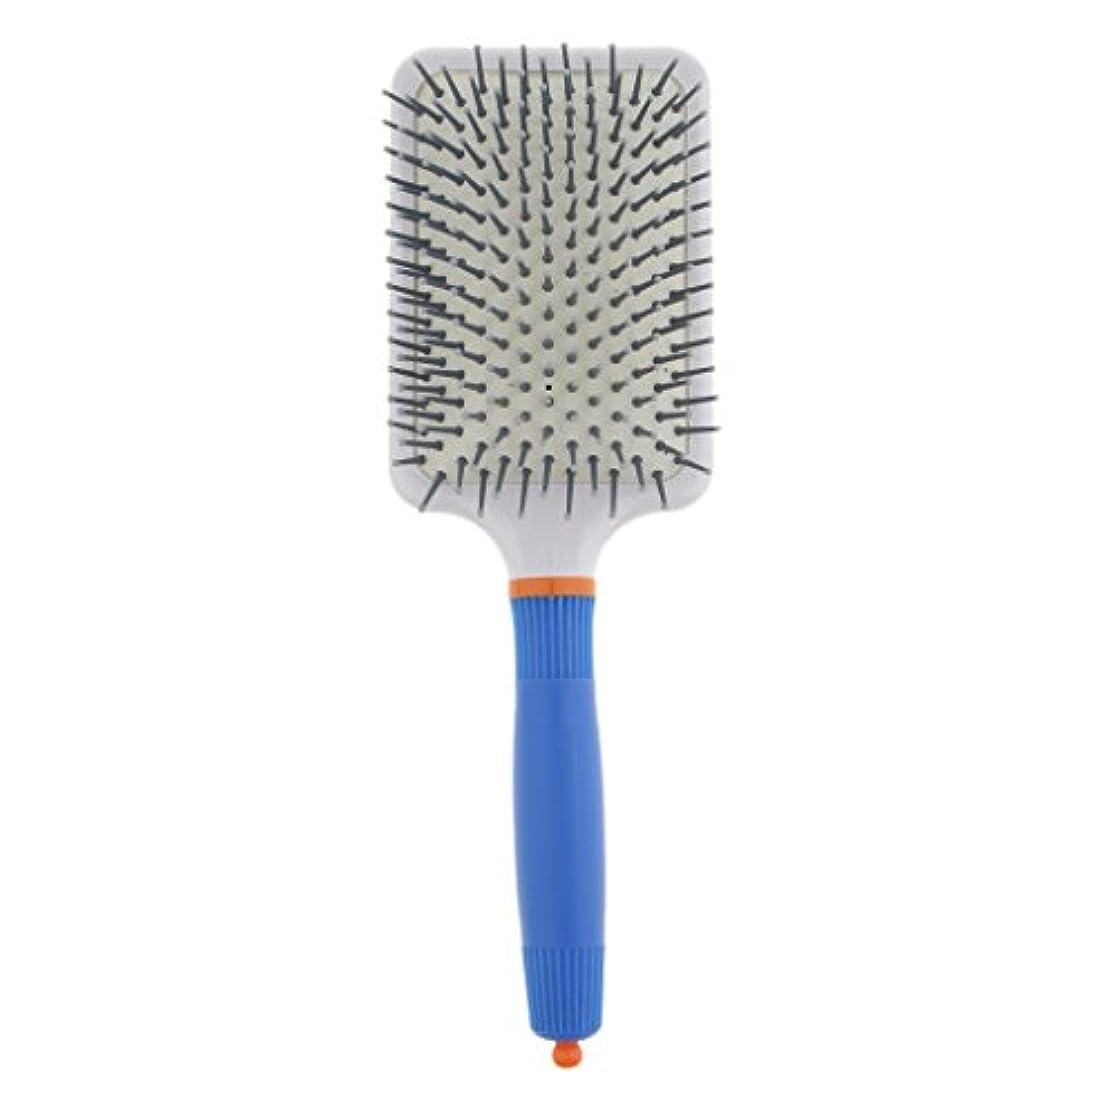 気配りのあるすきローププラスチック製 ブラシ 頭皮マッサージブラシ フラットヘアブラシ 櫛 静電気防止 全2色 - ダークブルー